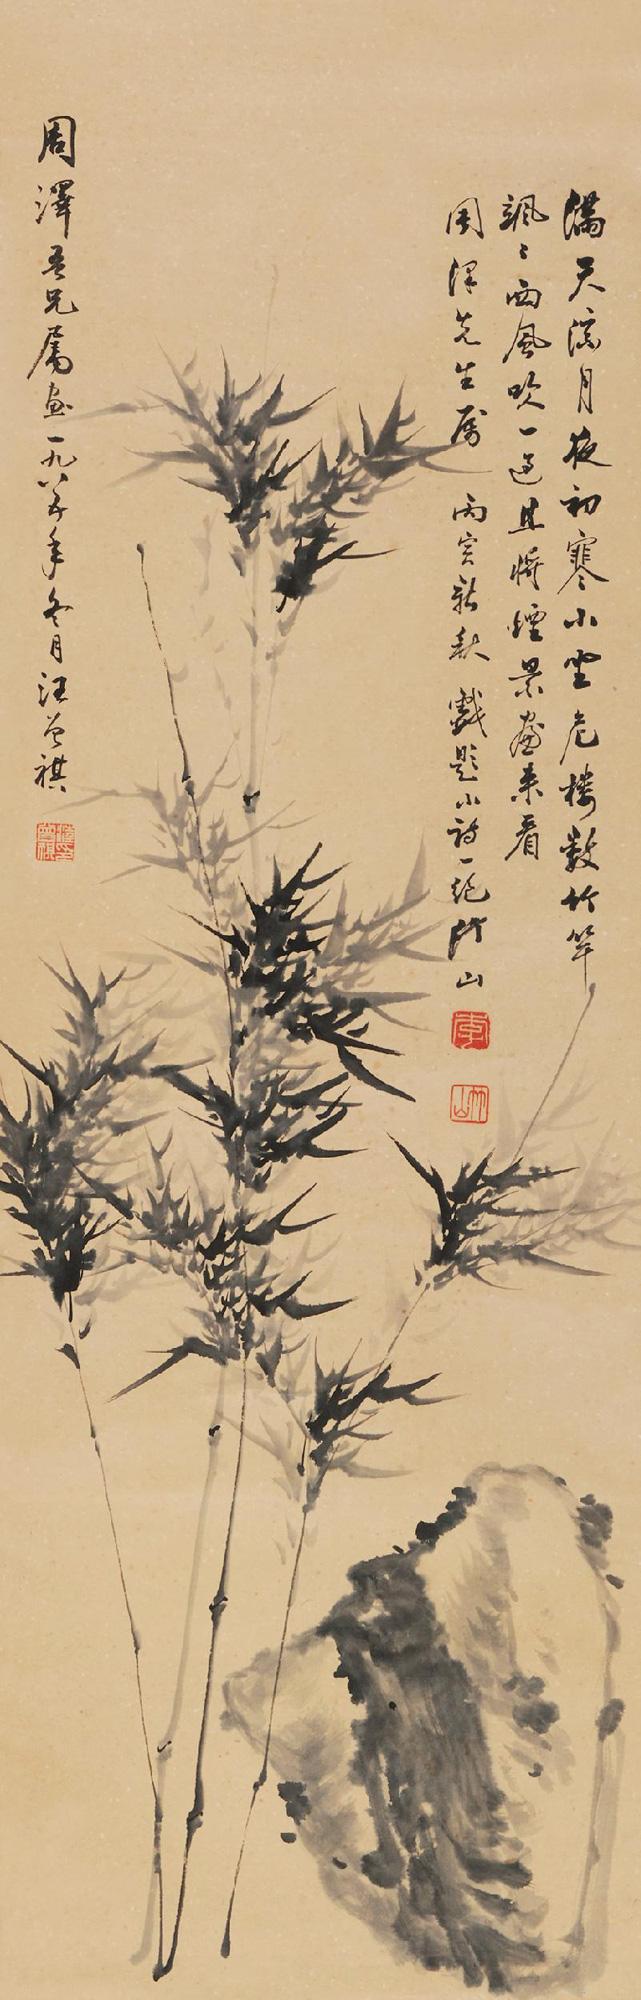 汪曾祺 墨竹石图 水墨纸本立轴 102×32cm